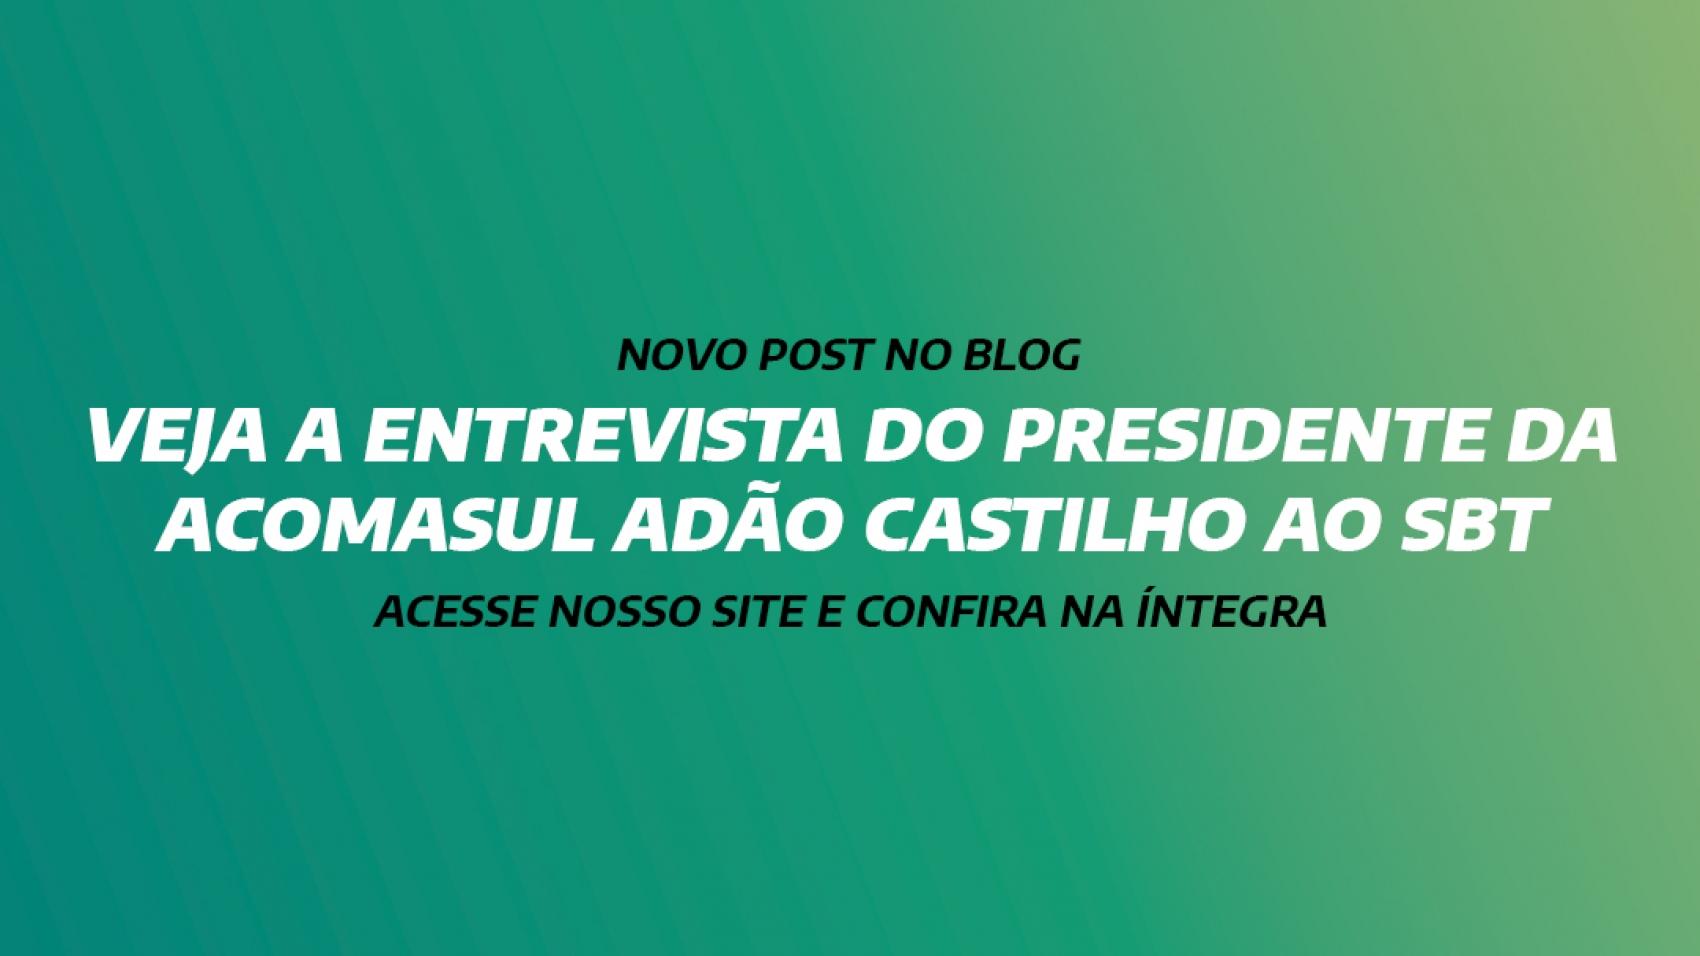 VEJA A ENTREVISTA DO PRESIDENTE DA ACOMASUL ADÃO CASTILHO AO SBT